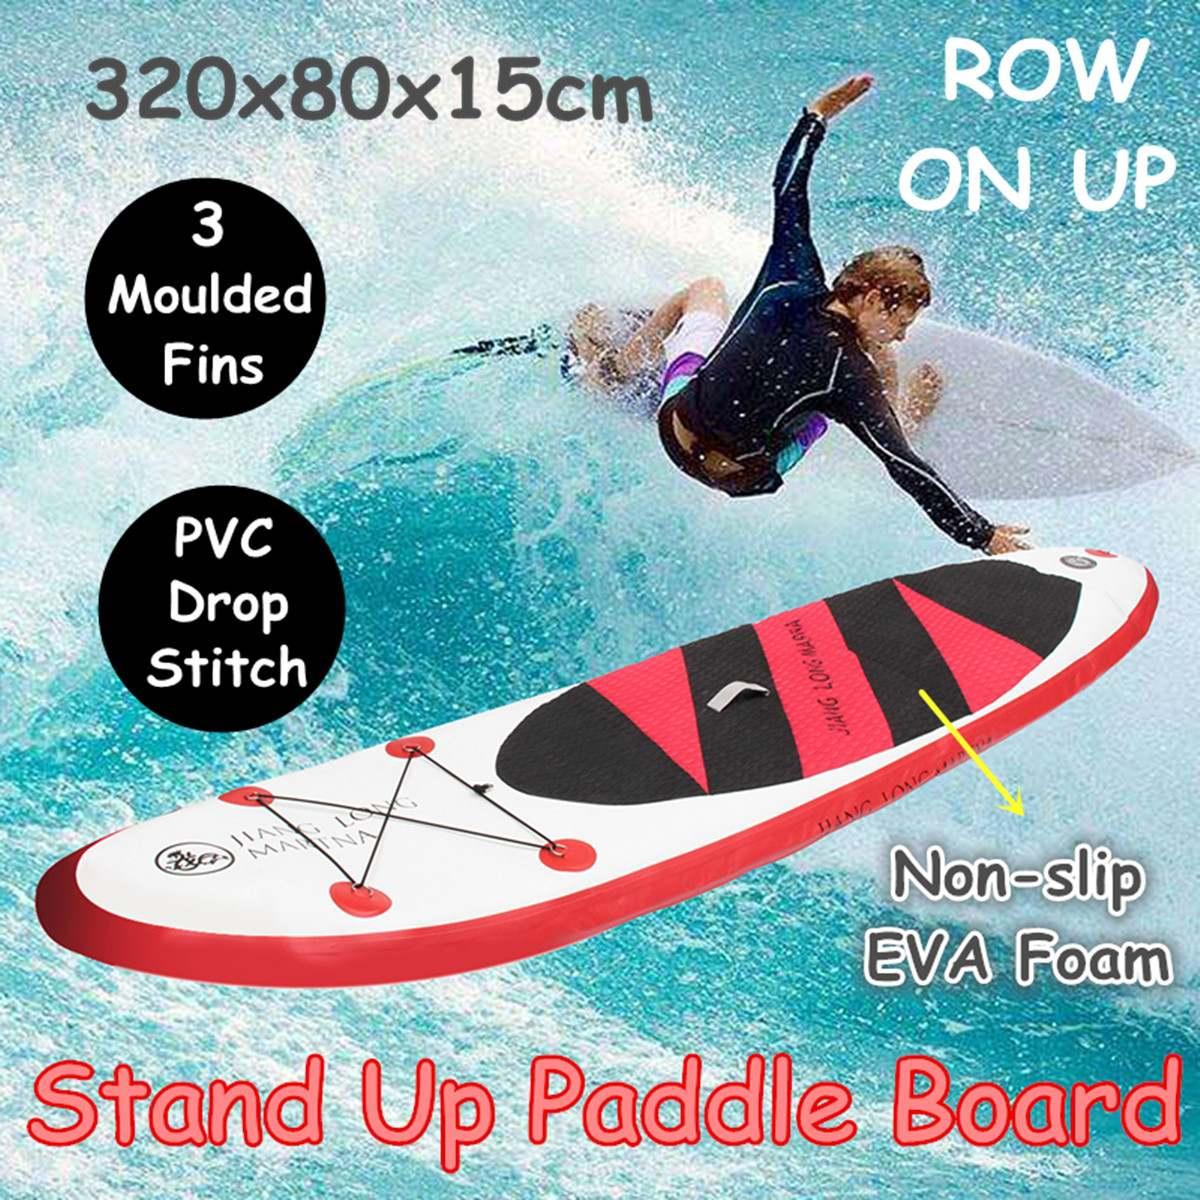 320x80x15 cm Gonflable stand up Paddle Conseil Exercice Formation Planche De Surf Paddle Board D'eau Sport conseil sup Avec pompe manuelle